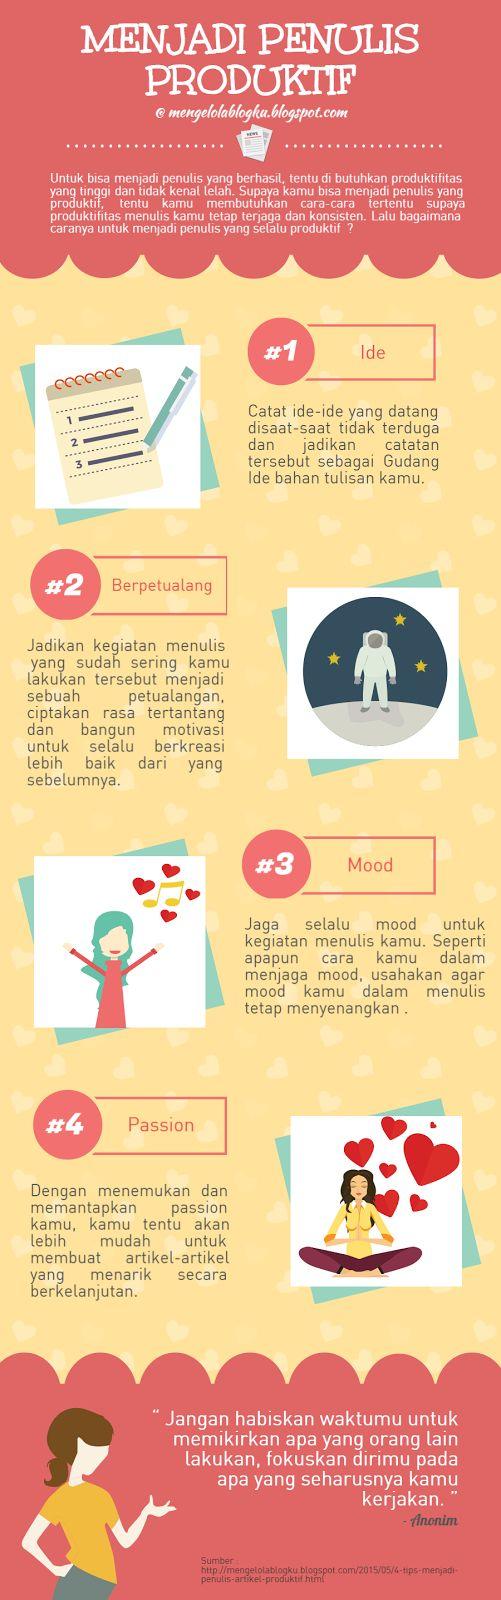 4-tips-menjadi-penulis-produktif